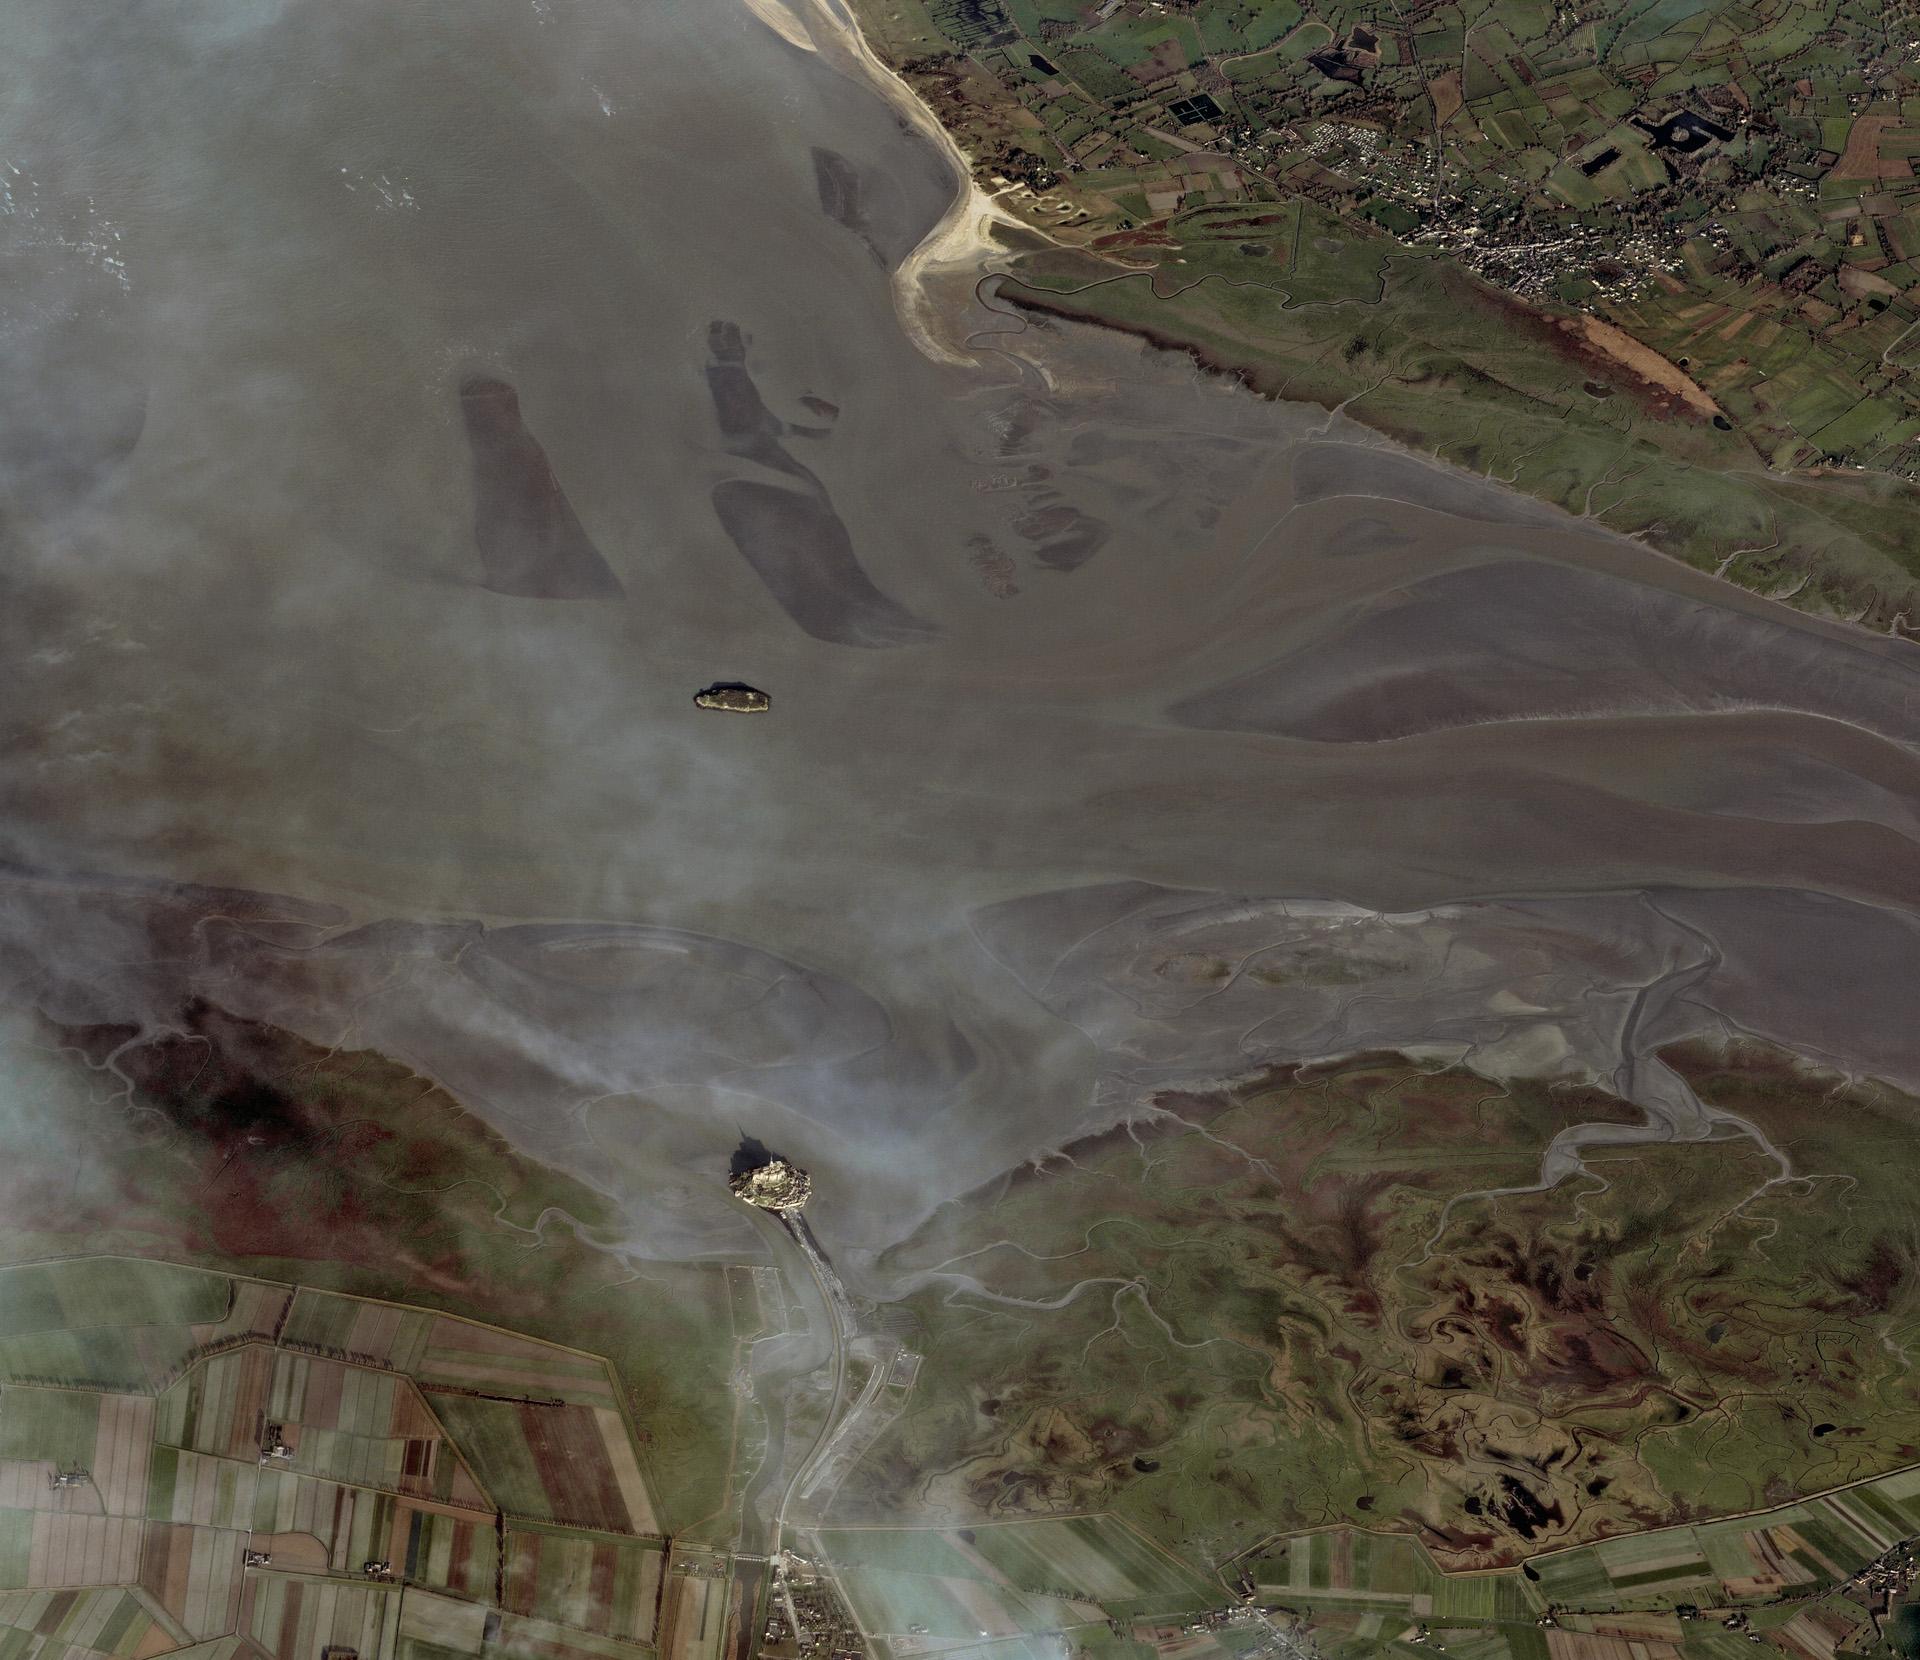 Mont-Saint Michel-Image Copyright CNES 2012/Astrium Services/Spot Image